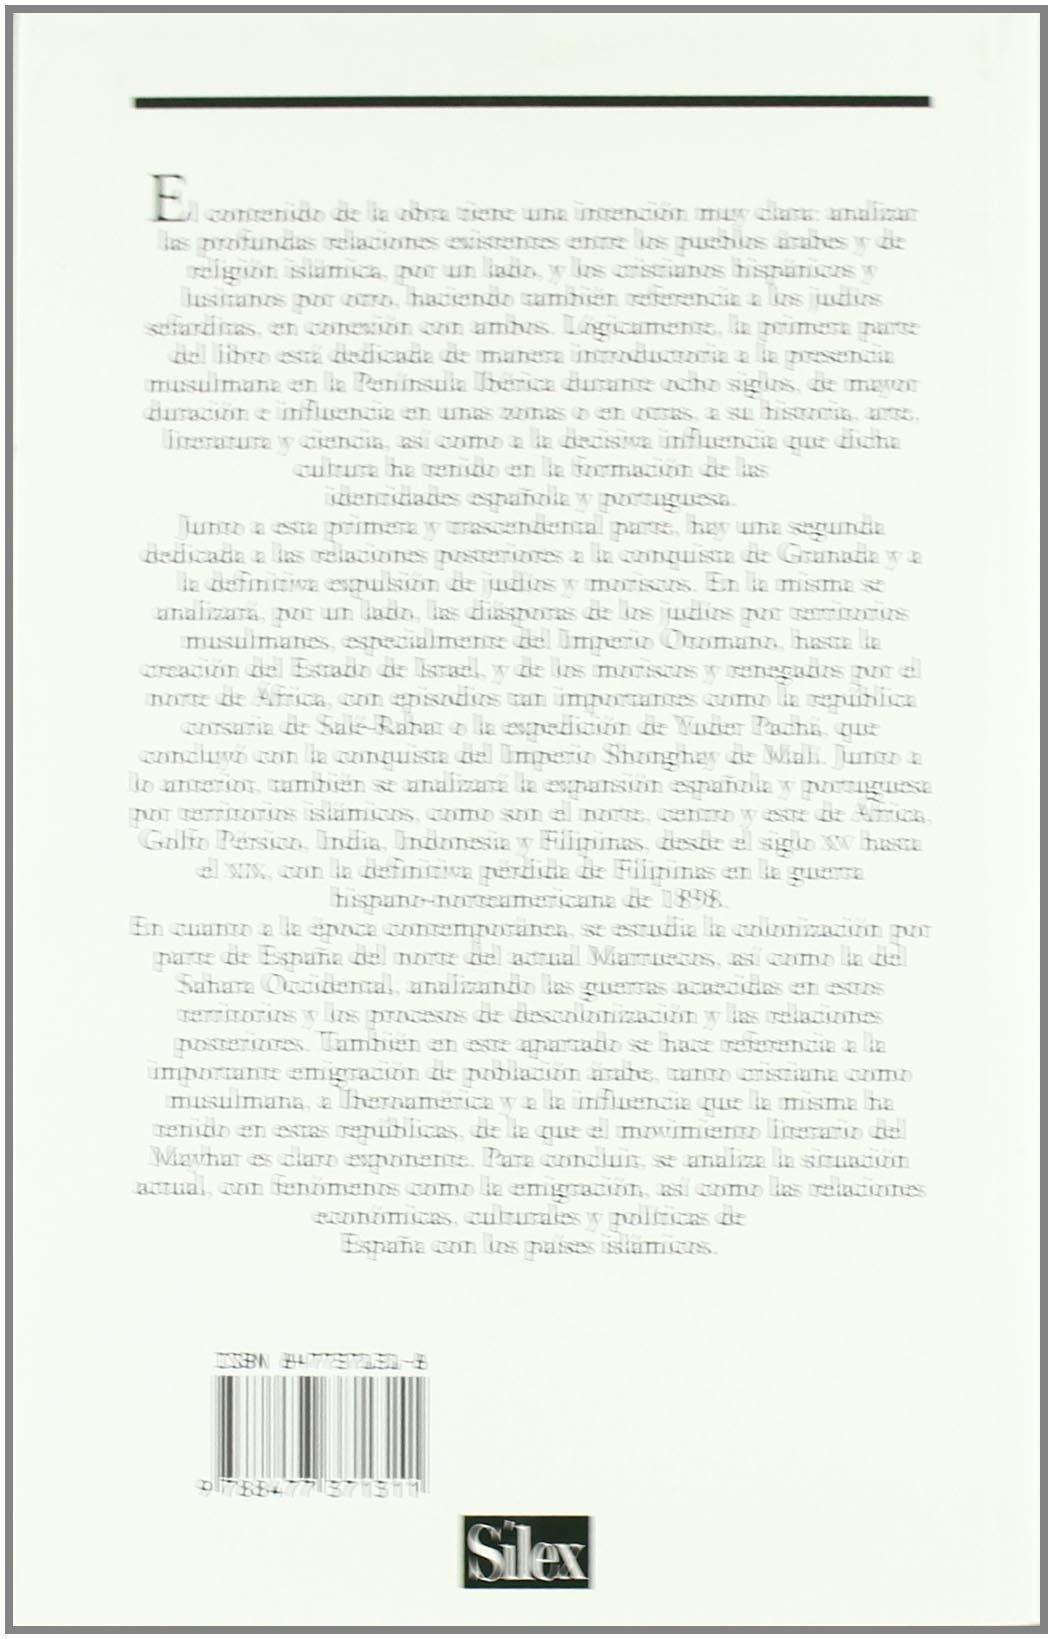 Al-Andalus: El Islam y y los pueblos ibéricos Serie historia: Amazon.es: Pedro Cano Borrego: Libros